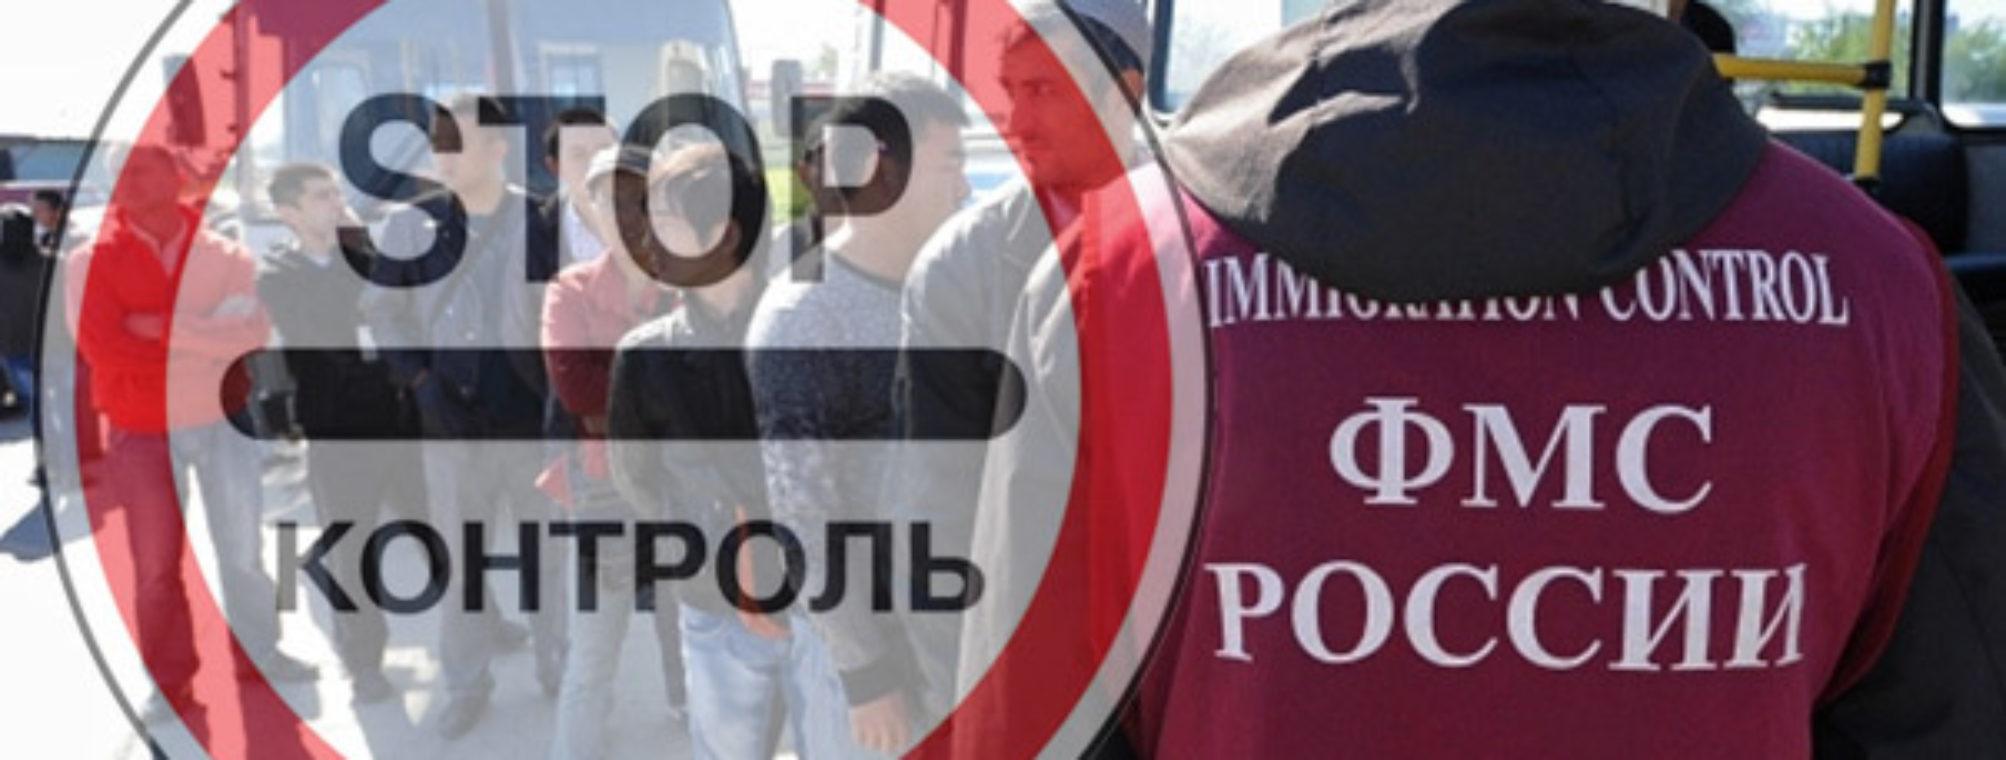 Горячая линия по программе переселения соотечественников омск